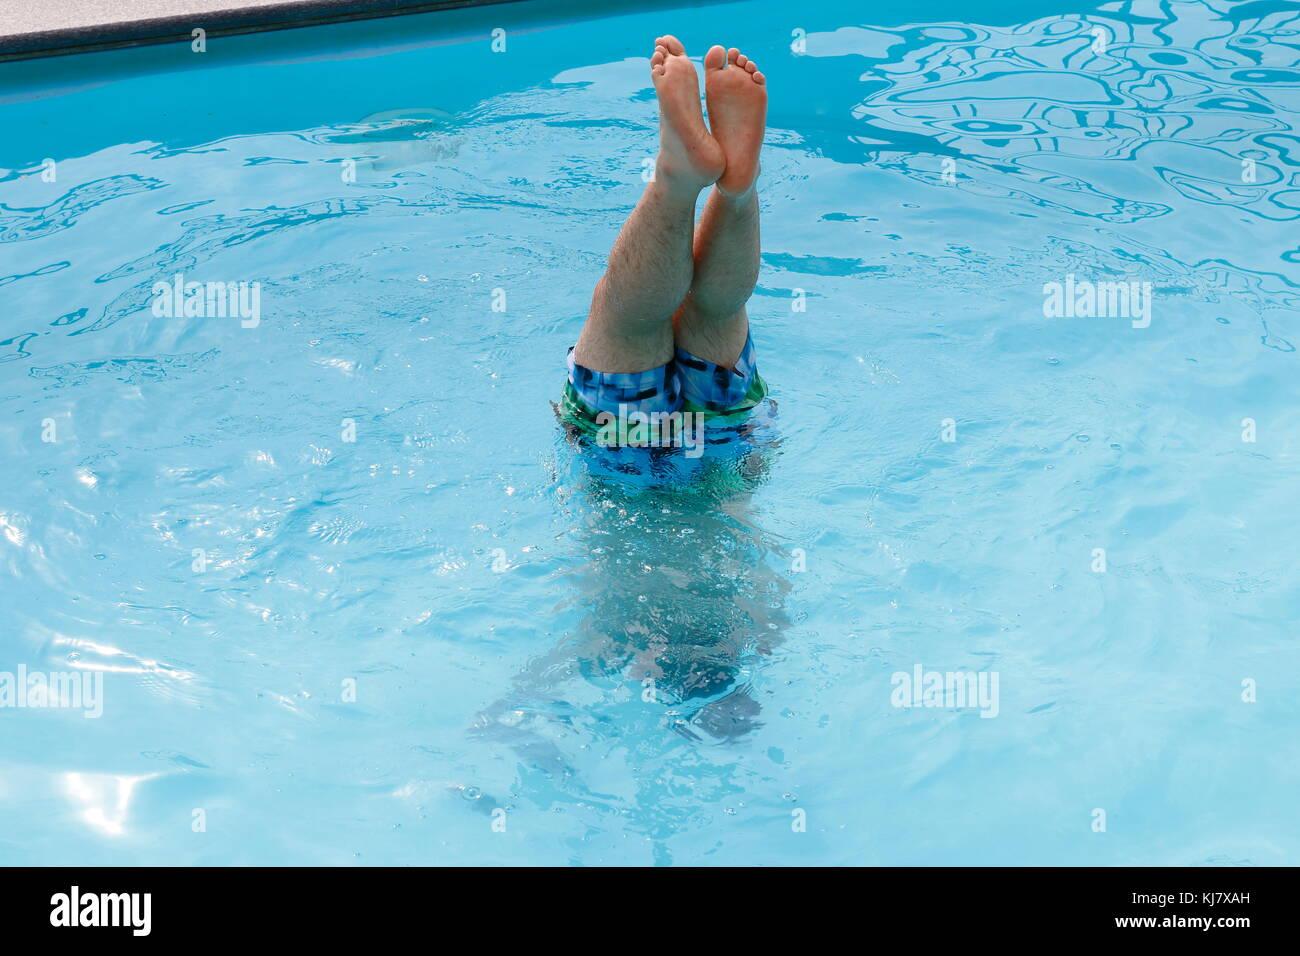 Handstand im Wasser, Beine strecken in die Luft - Stock Image